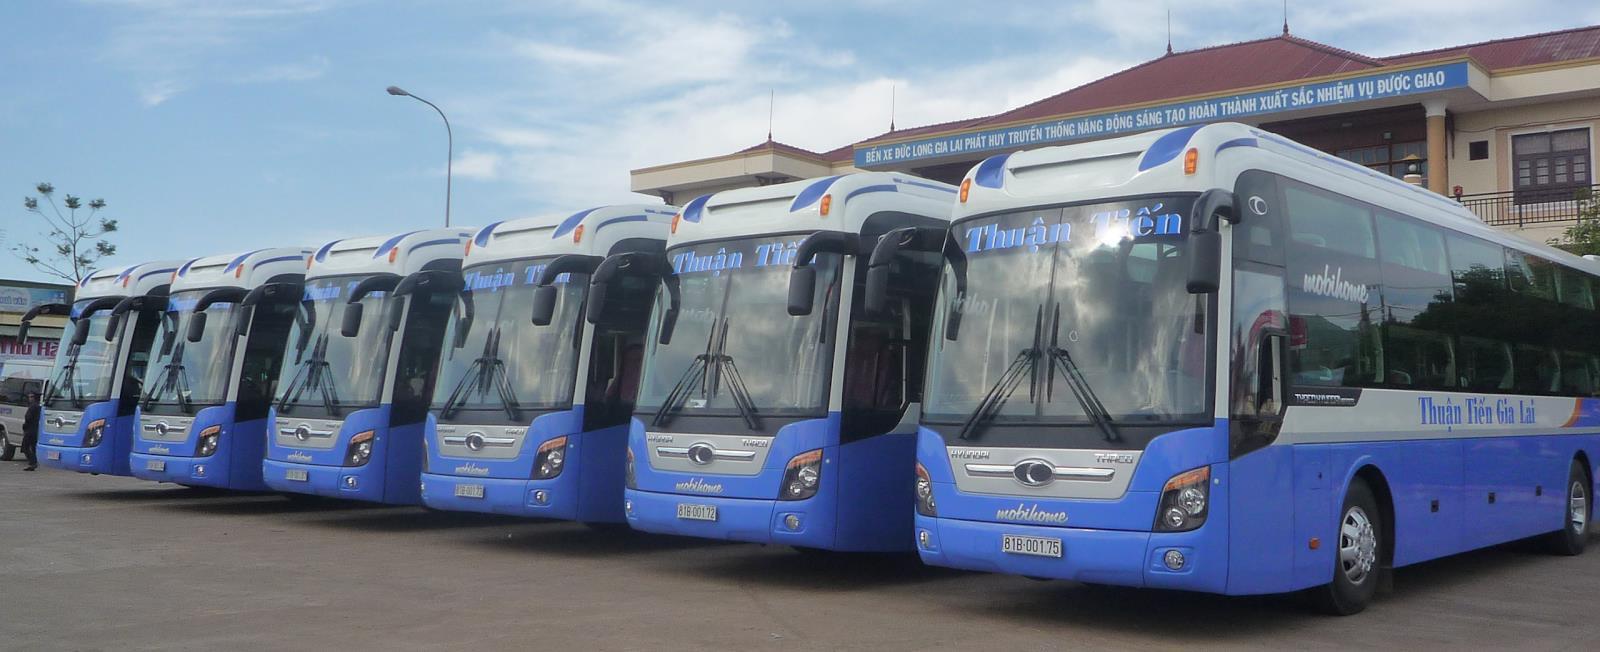 Xe Thuận Tiến